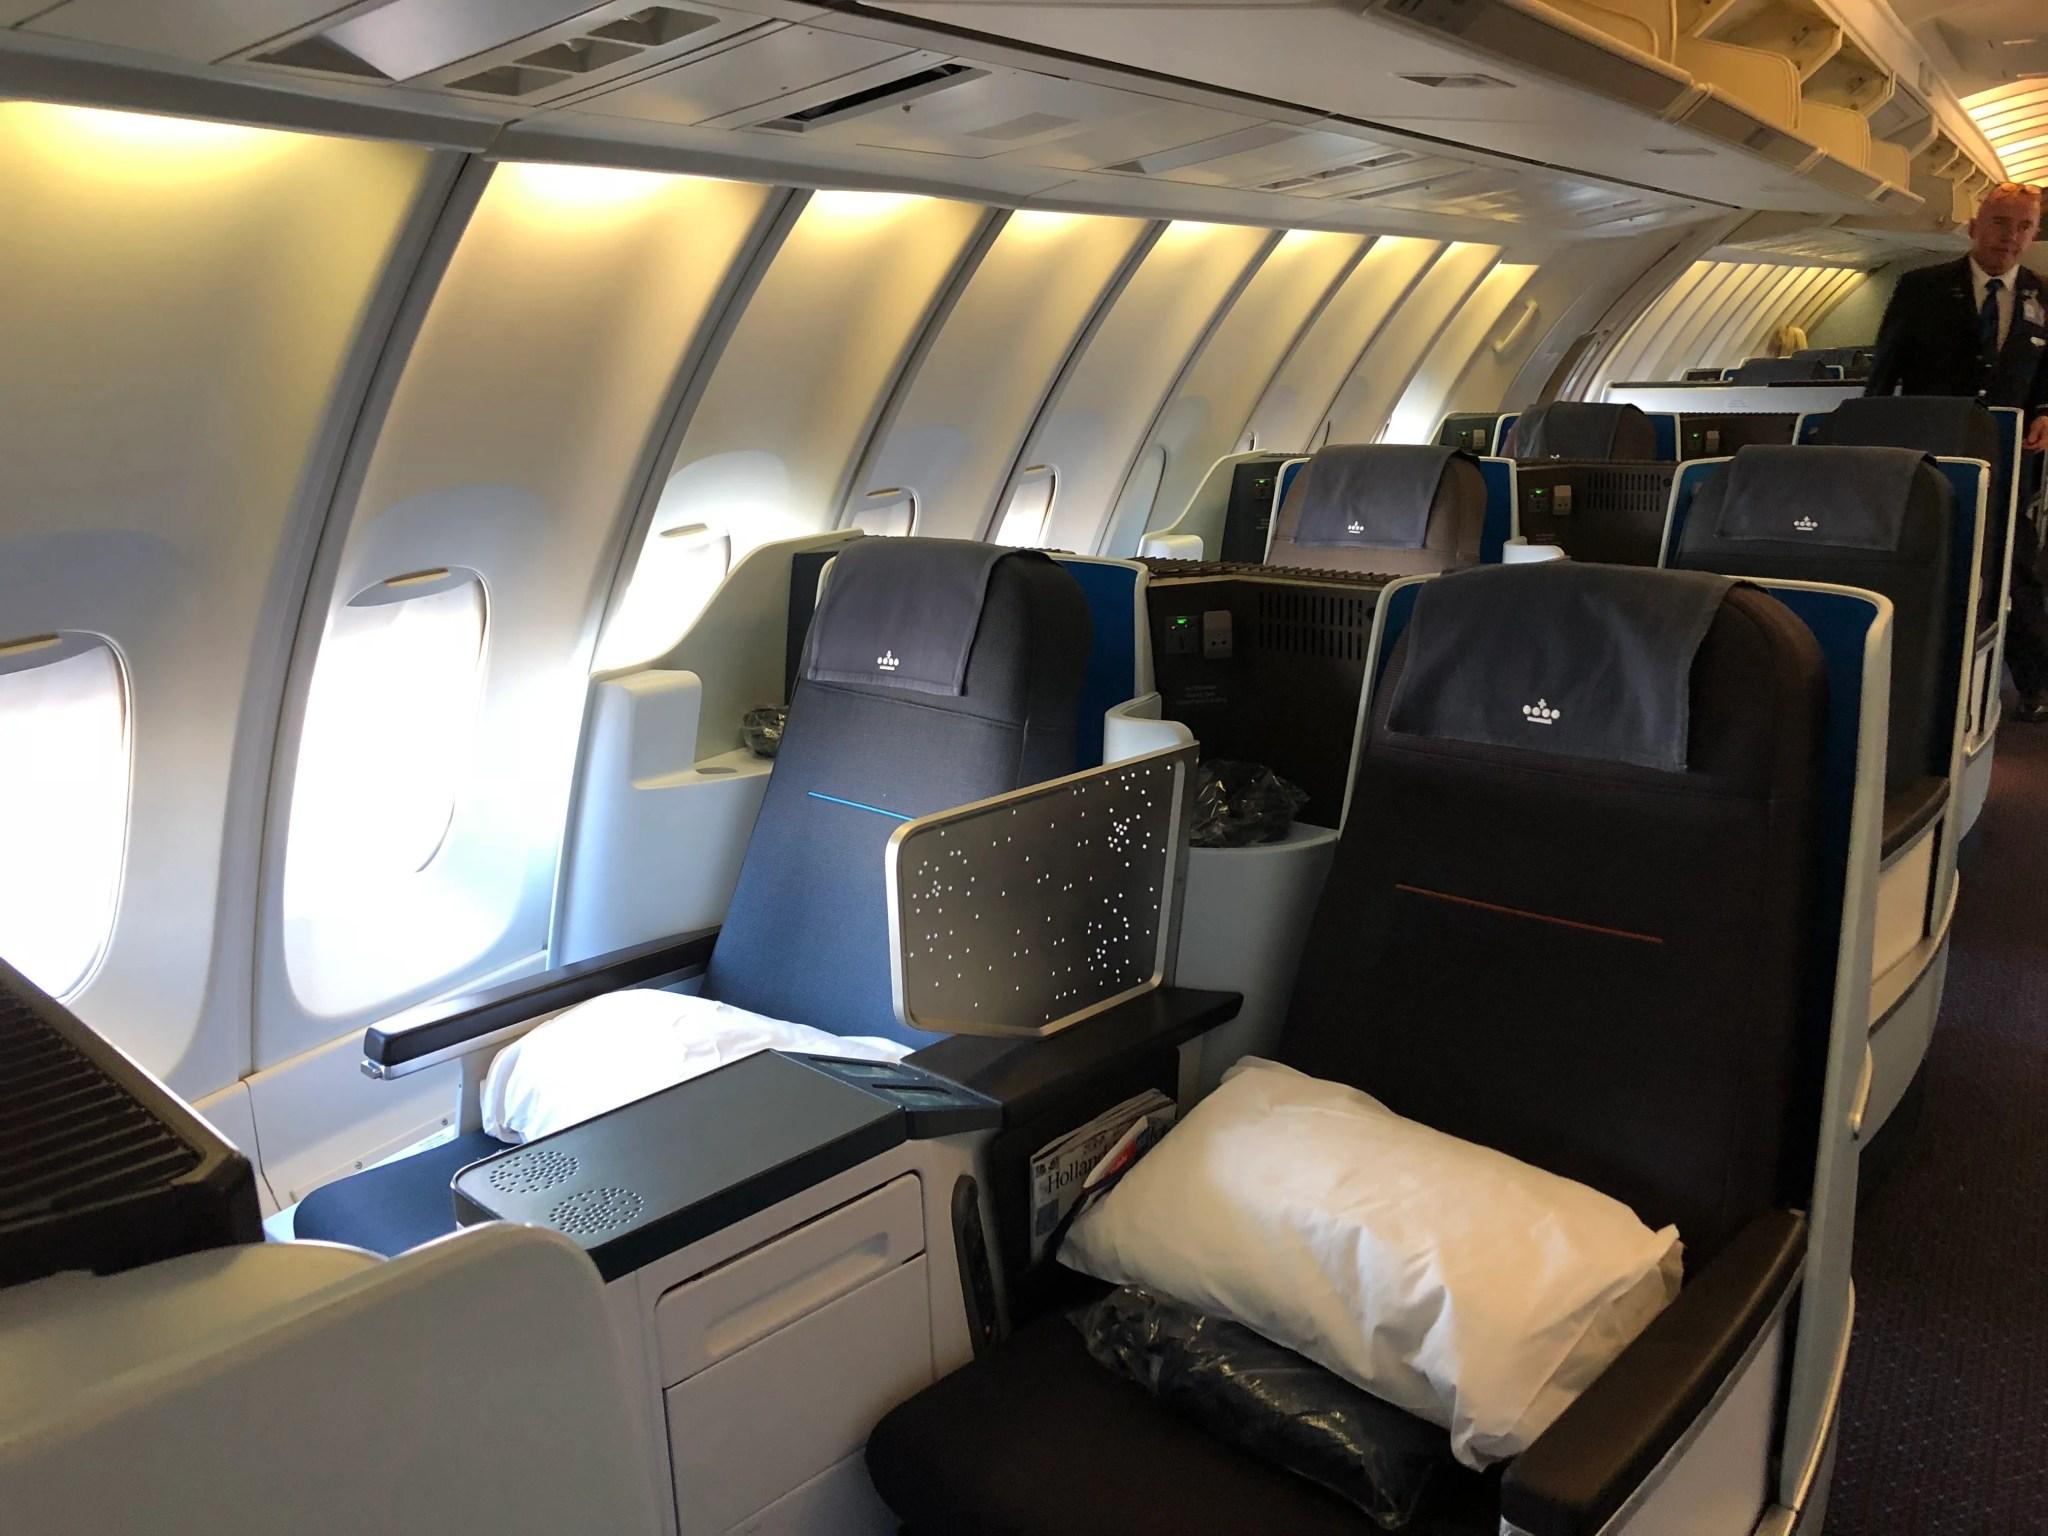 Swell End Of An Era Klm 747 400 In Biz Amsterdam To Chicago Frankydiablos Diy Chair Ideas Frankydiabloscom